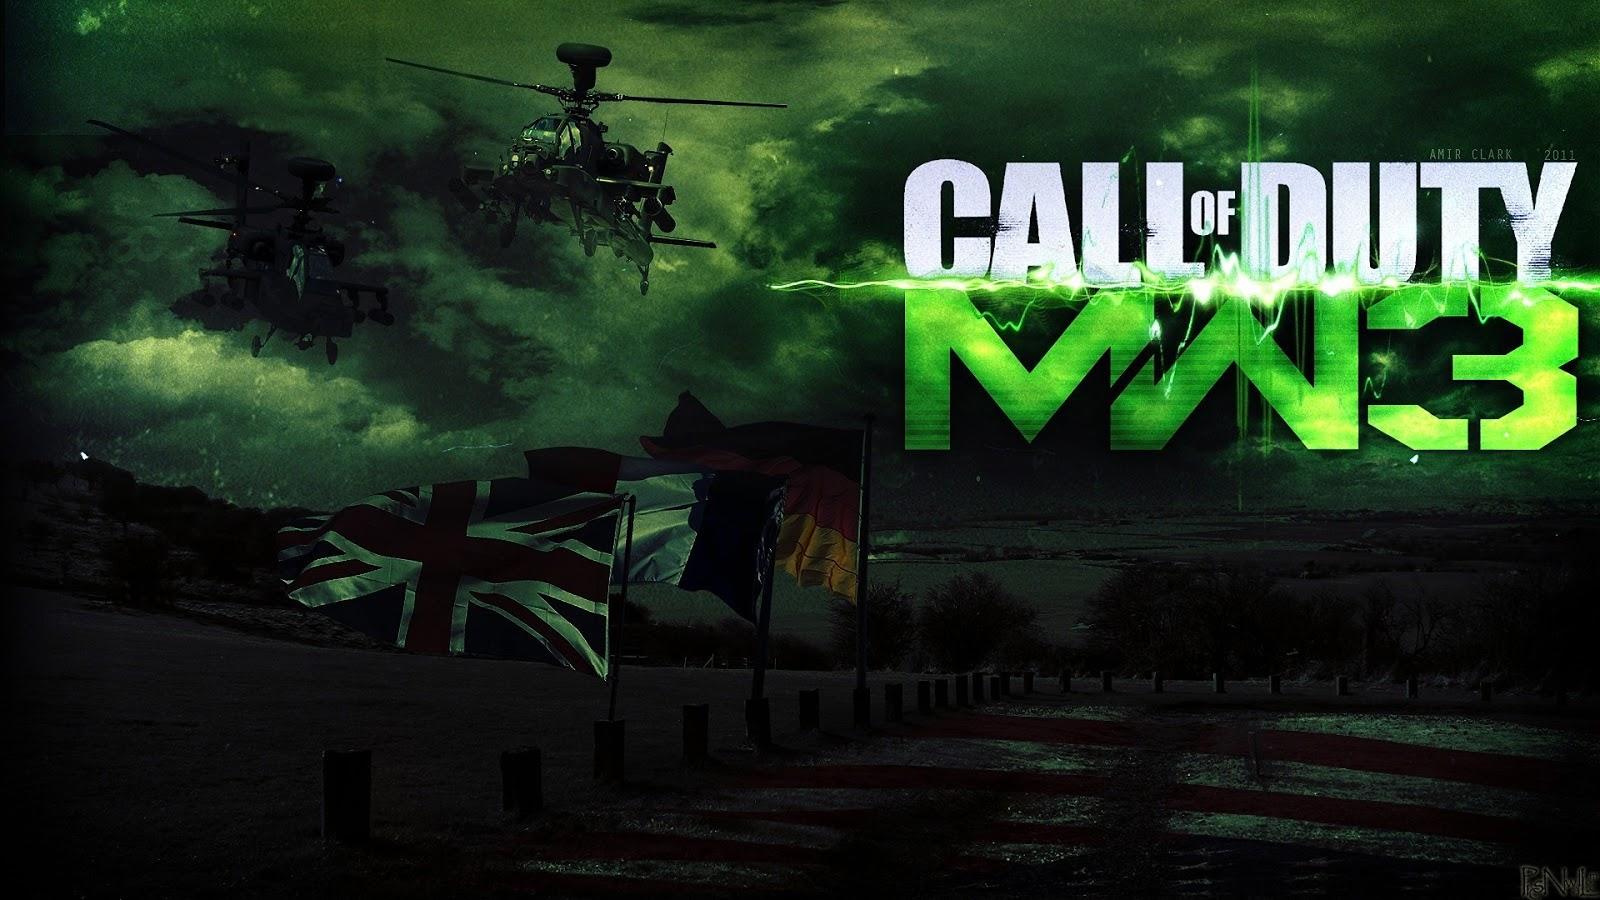 Call Of Duty Wallpaper Hd: DESKTOP HD WALLPAPERS: CALL OF DUTY HD WALLPAPERS